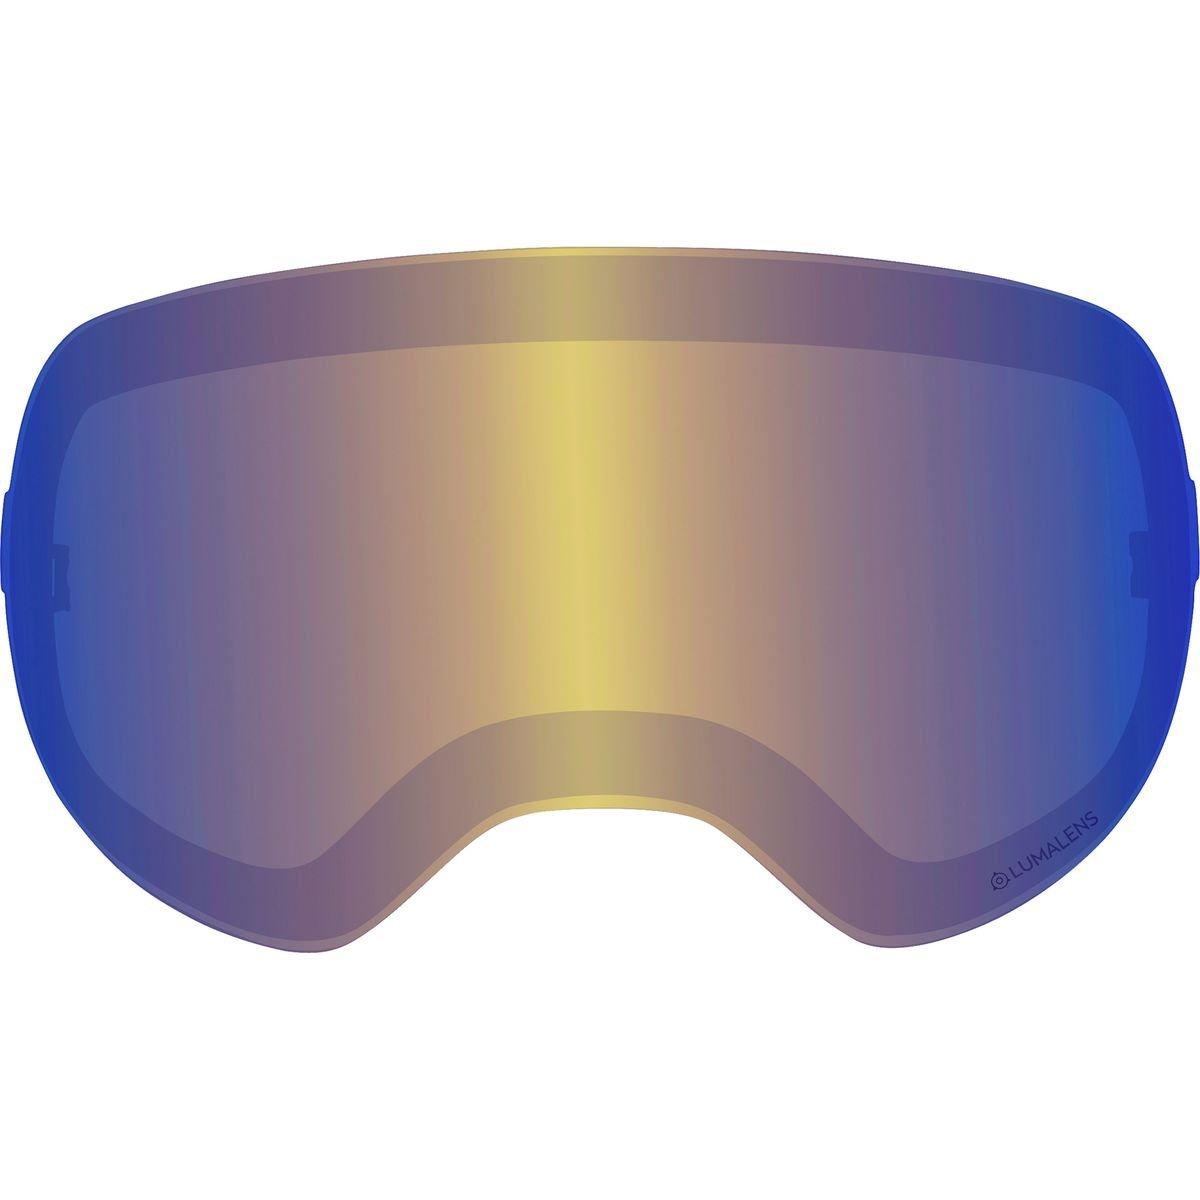 ドラゴンx2s交換用レンズ B076QFX8DJ  X2S / Flash Blue Luma 51% VLT